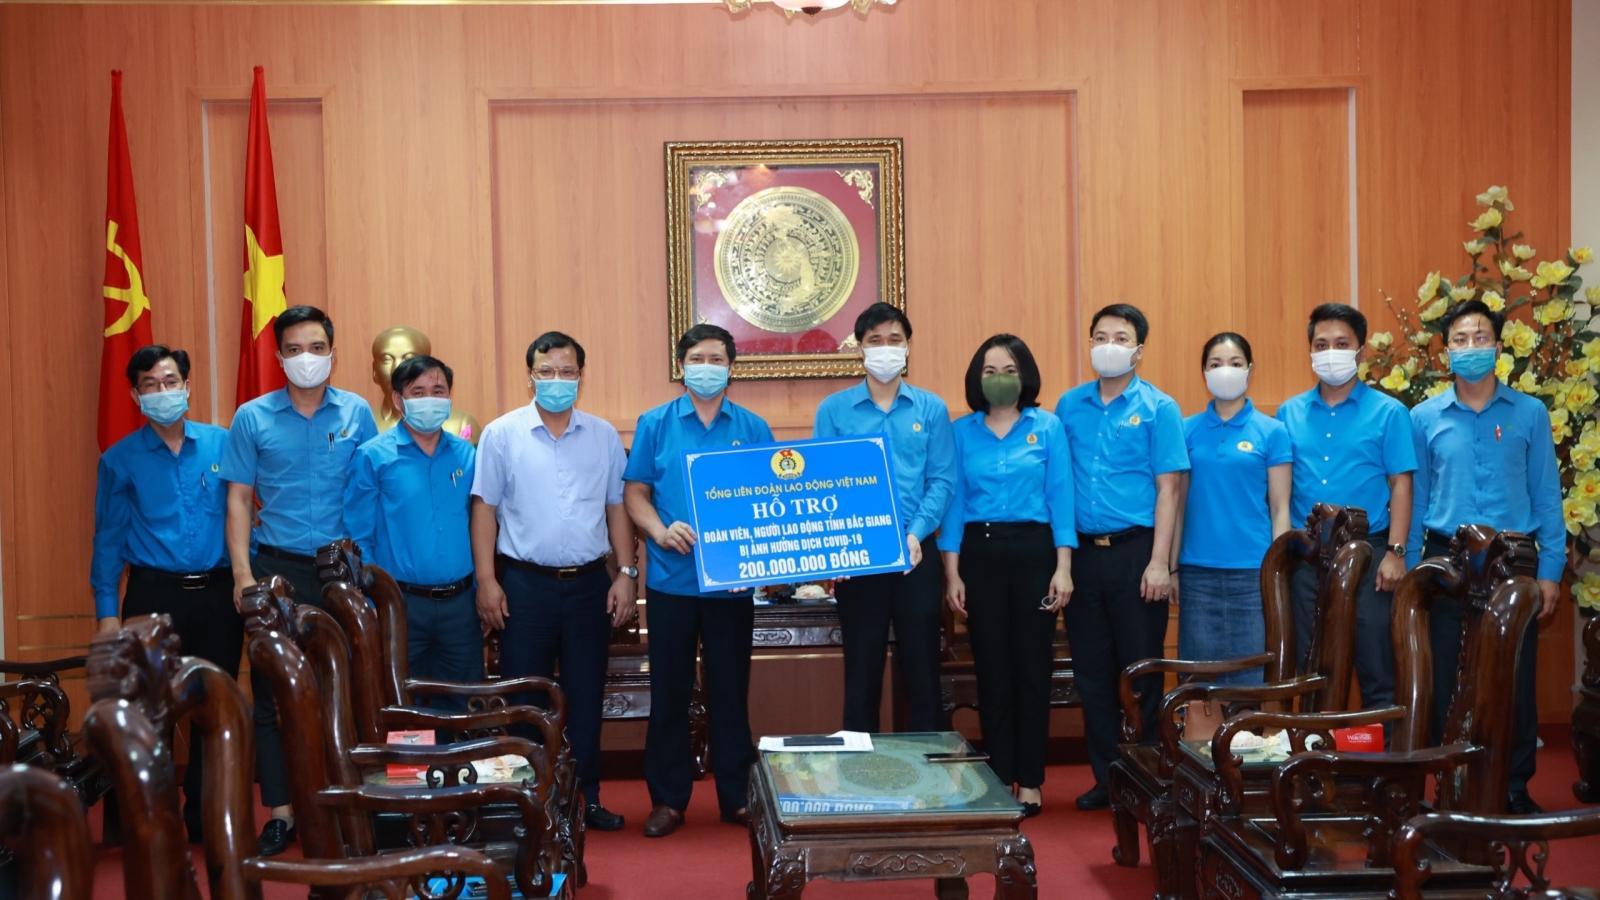 Tổng Liên đoàn Lao động Việt Nam tặng quà công nhân tỉnh Bắc Ninh và Bắc Giang